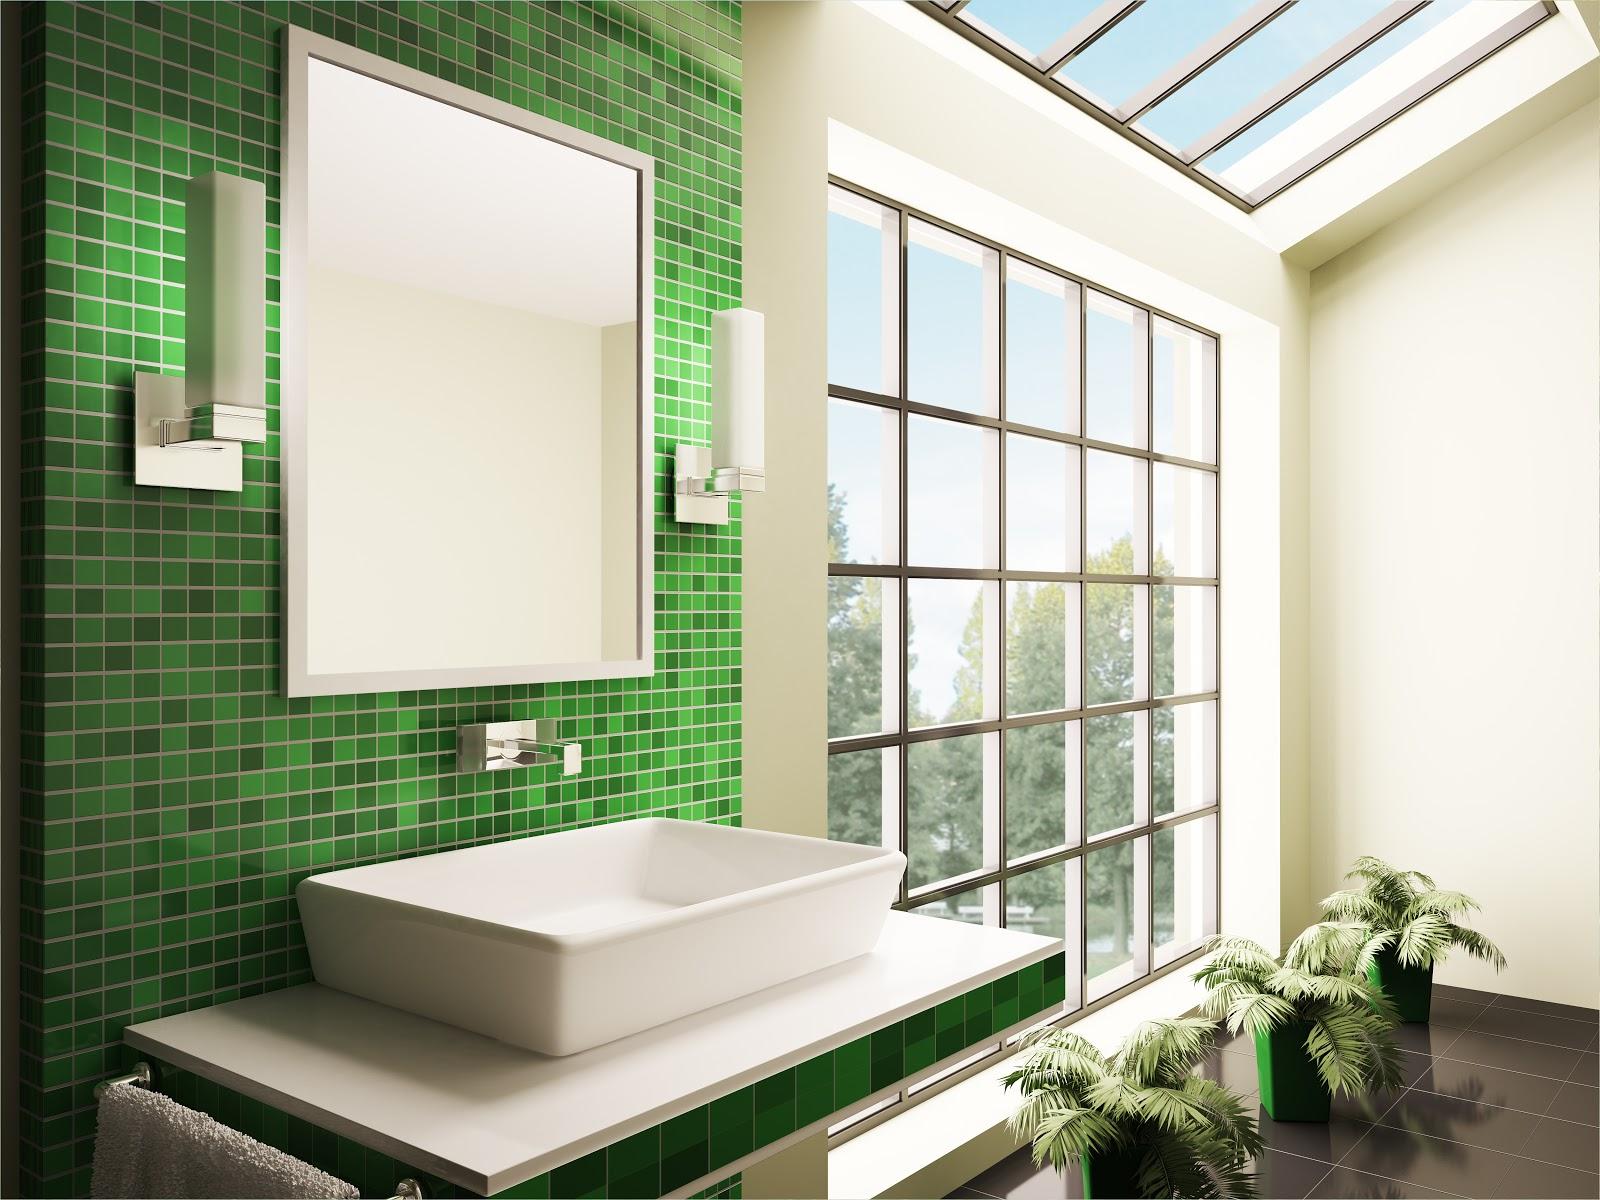 Faianta baie verde